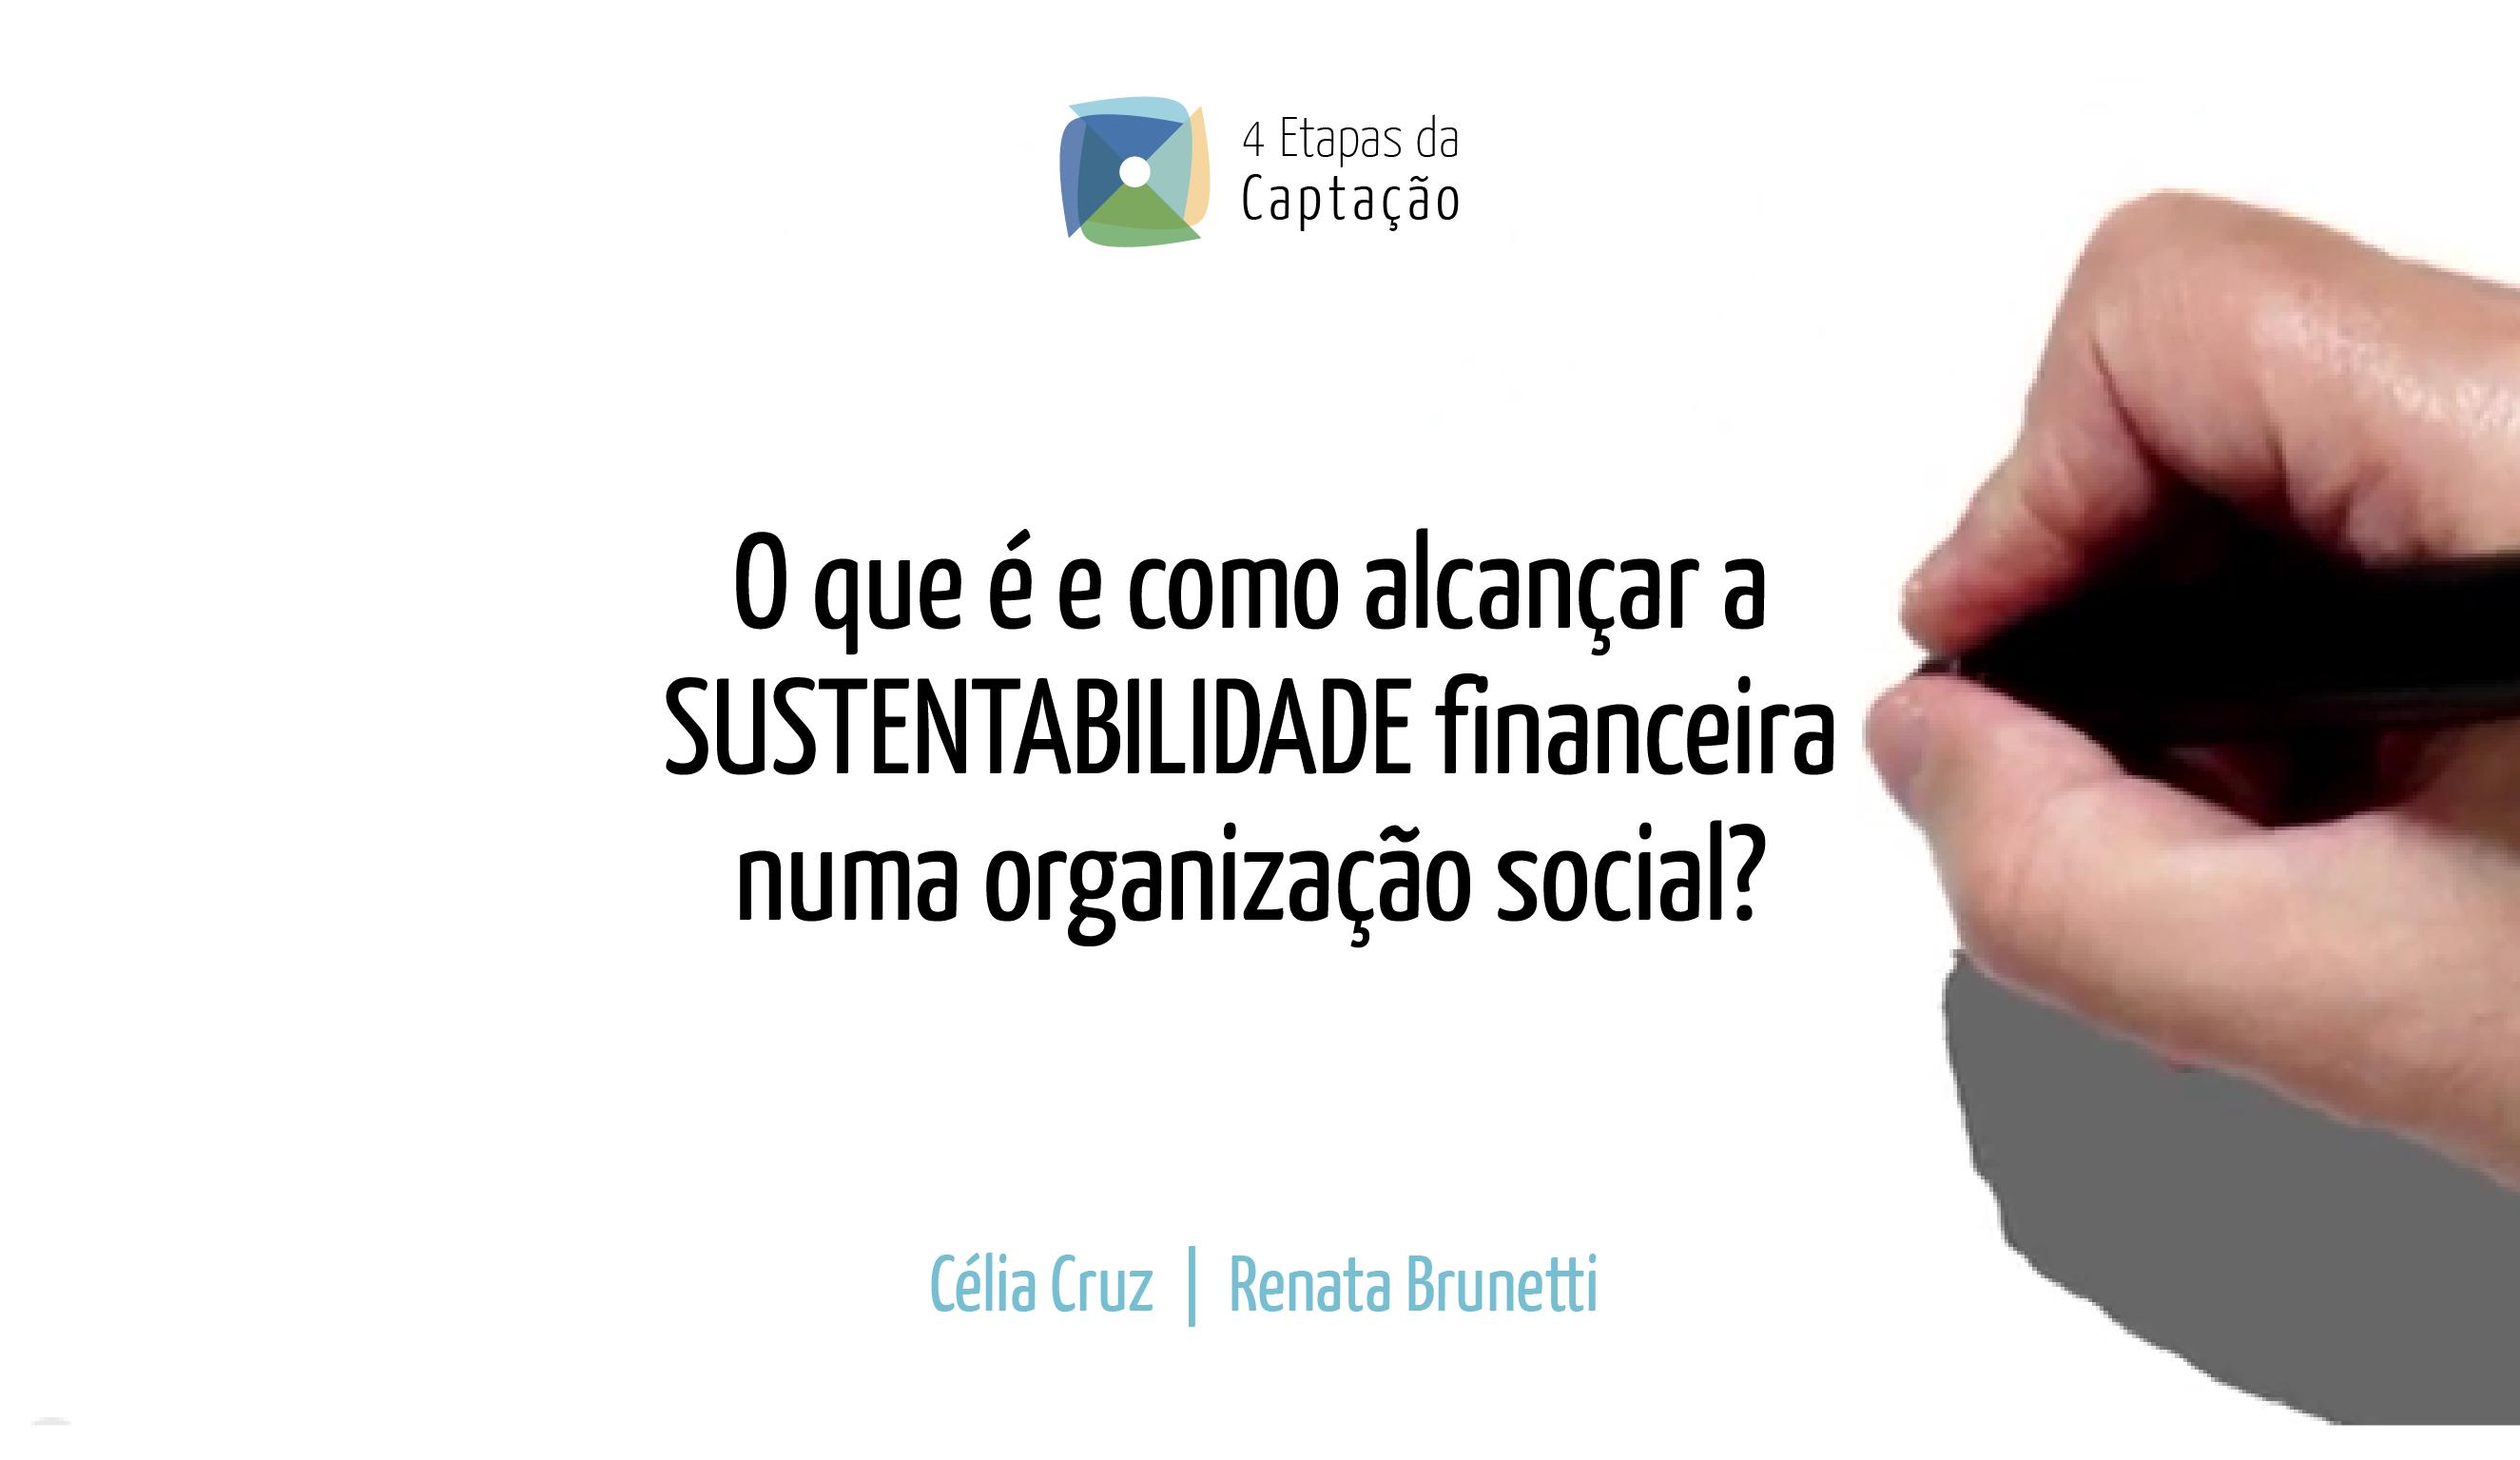 O que e e como alcancar a SUSTENTABILIDADE financeira numa organizacao social